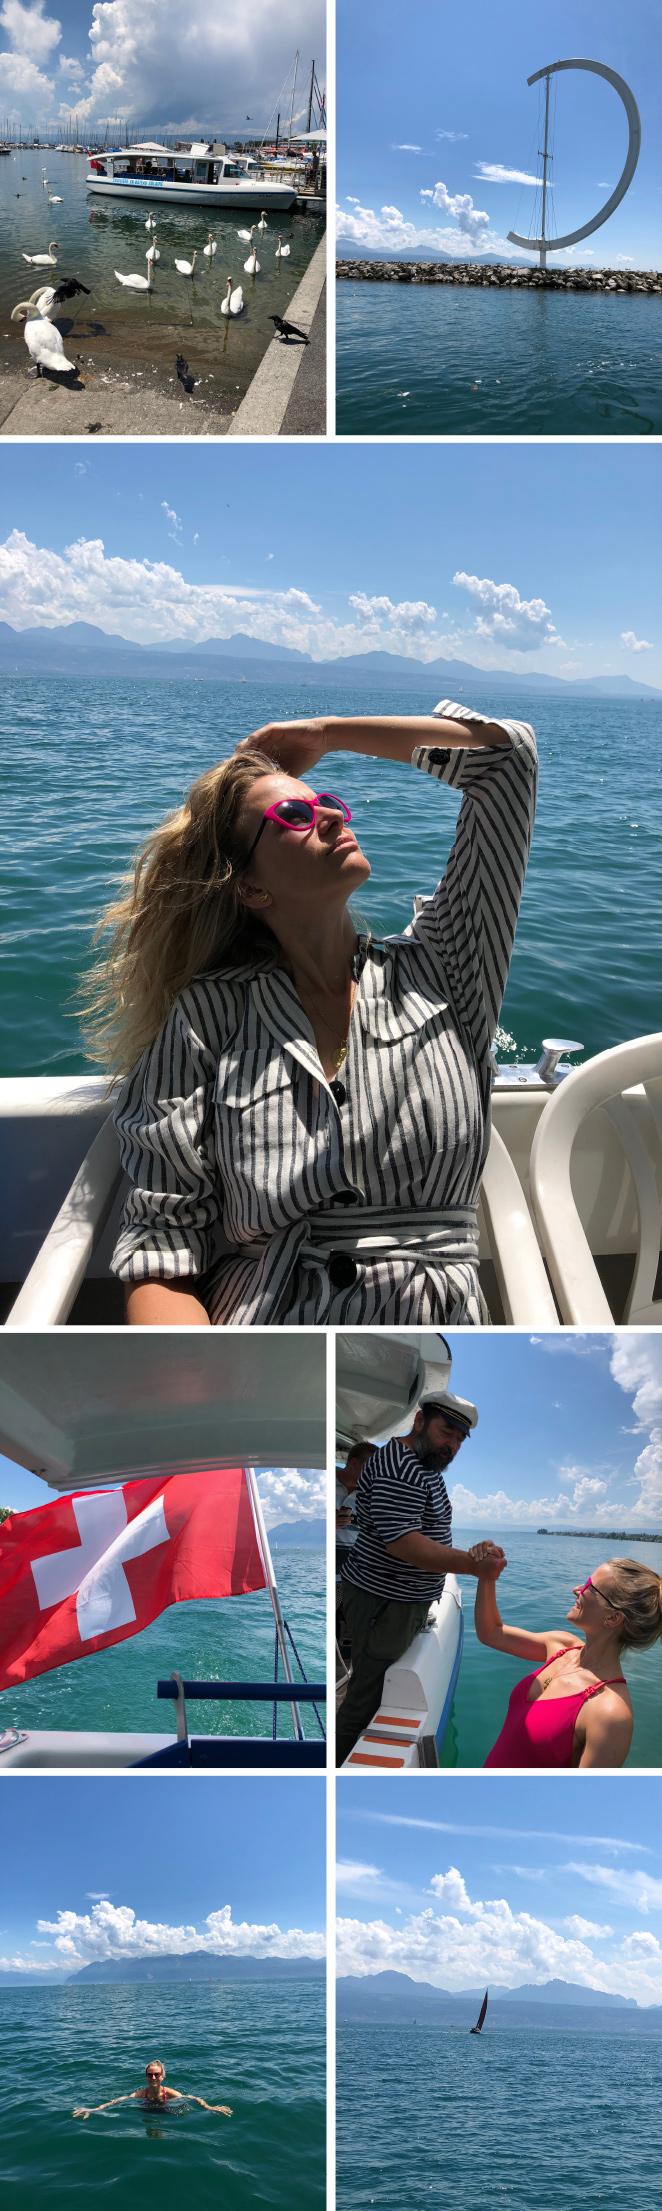 Y para completar el día, nada como un agradable paseo en barco por el lago con baño refrescante incluido!!